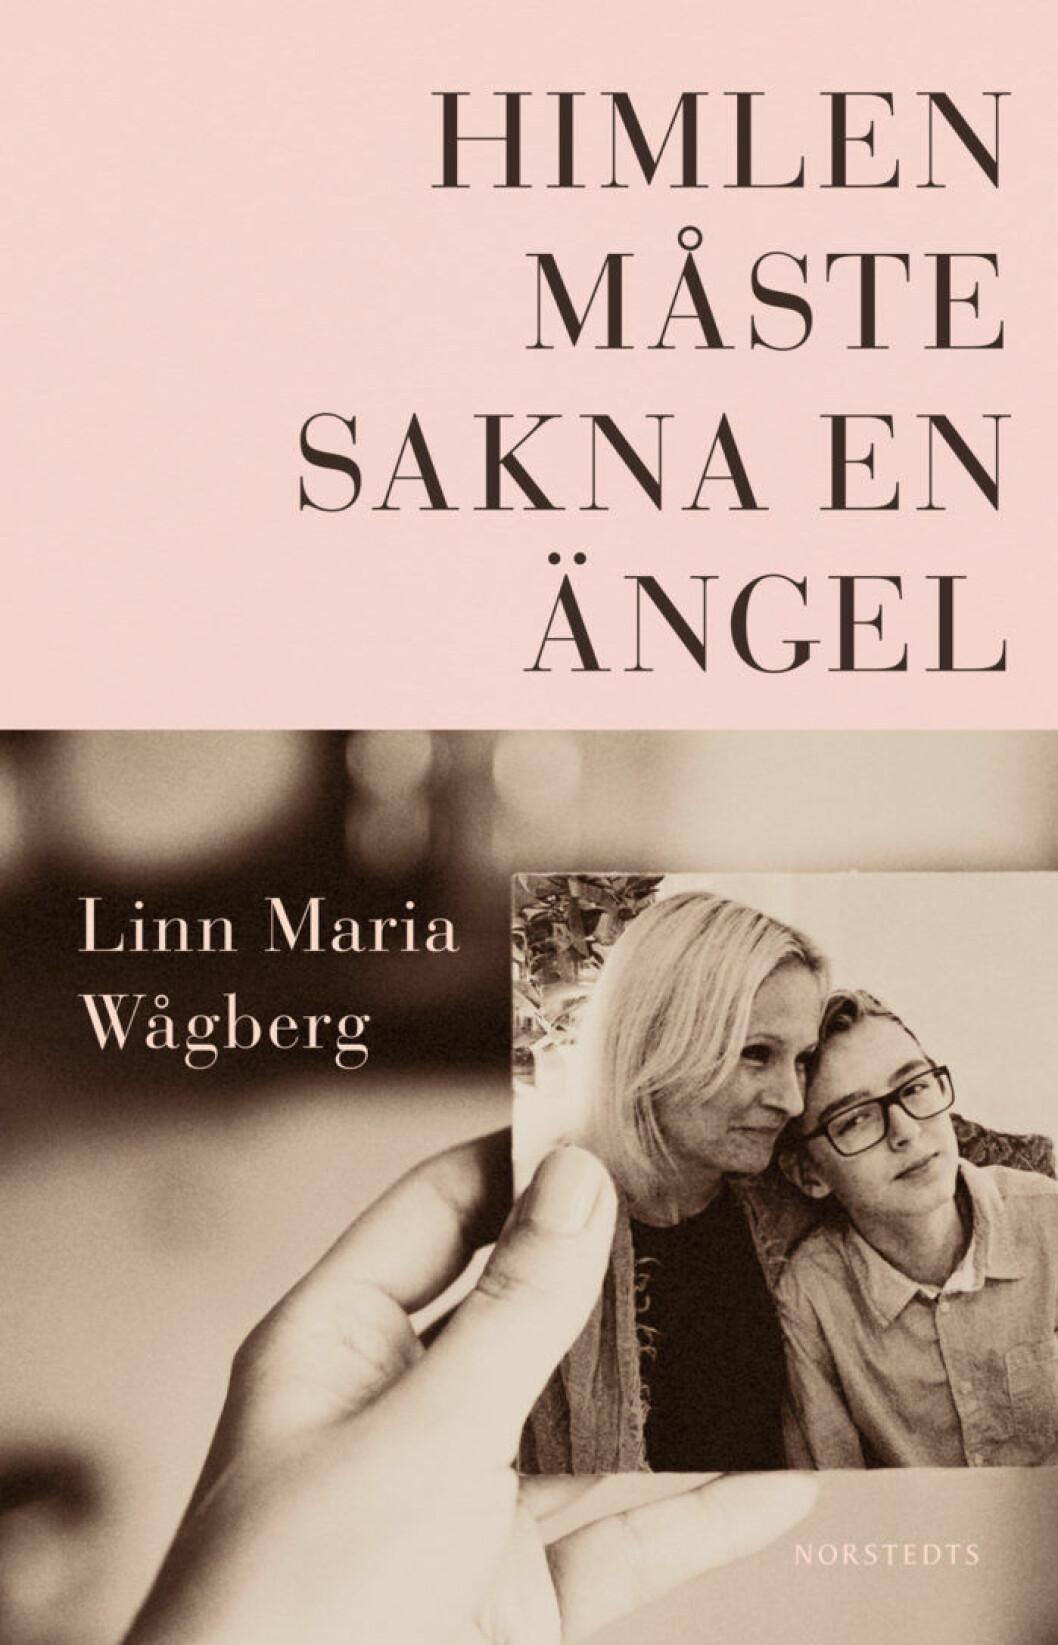 Linn Wågbergs bok Himlen måste sakna en ängel handlar om miraklet i Ånnsjön.